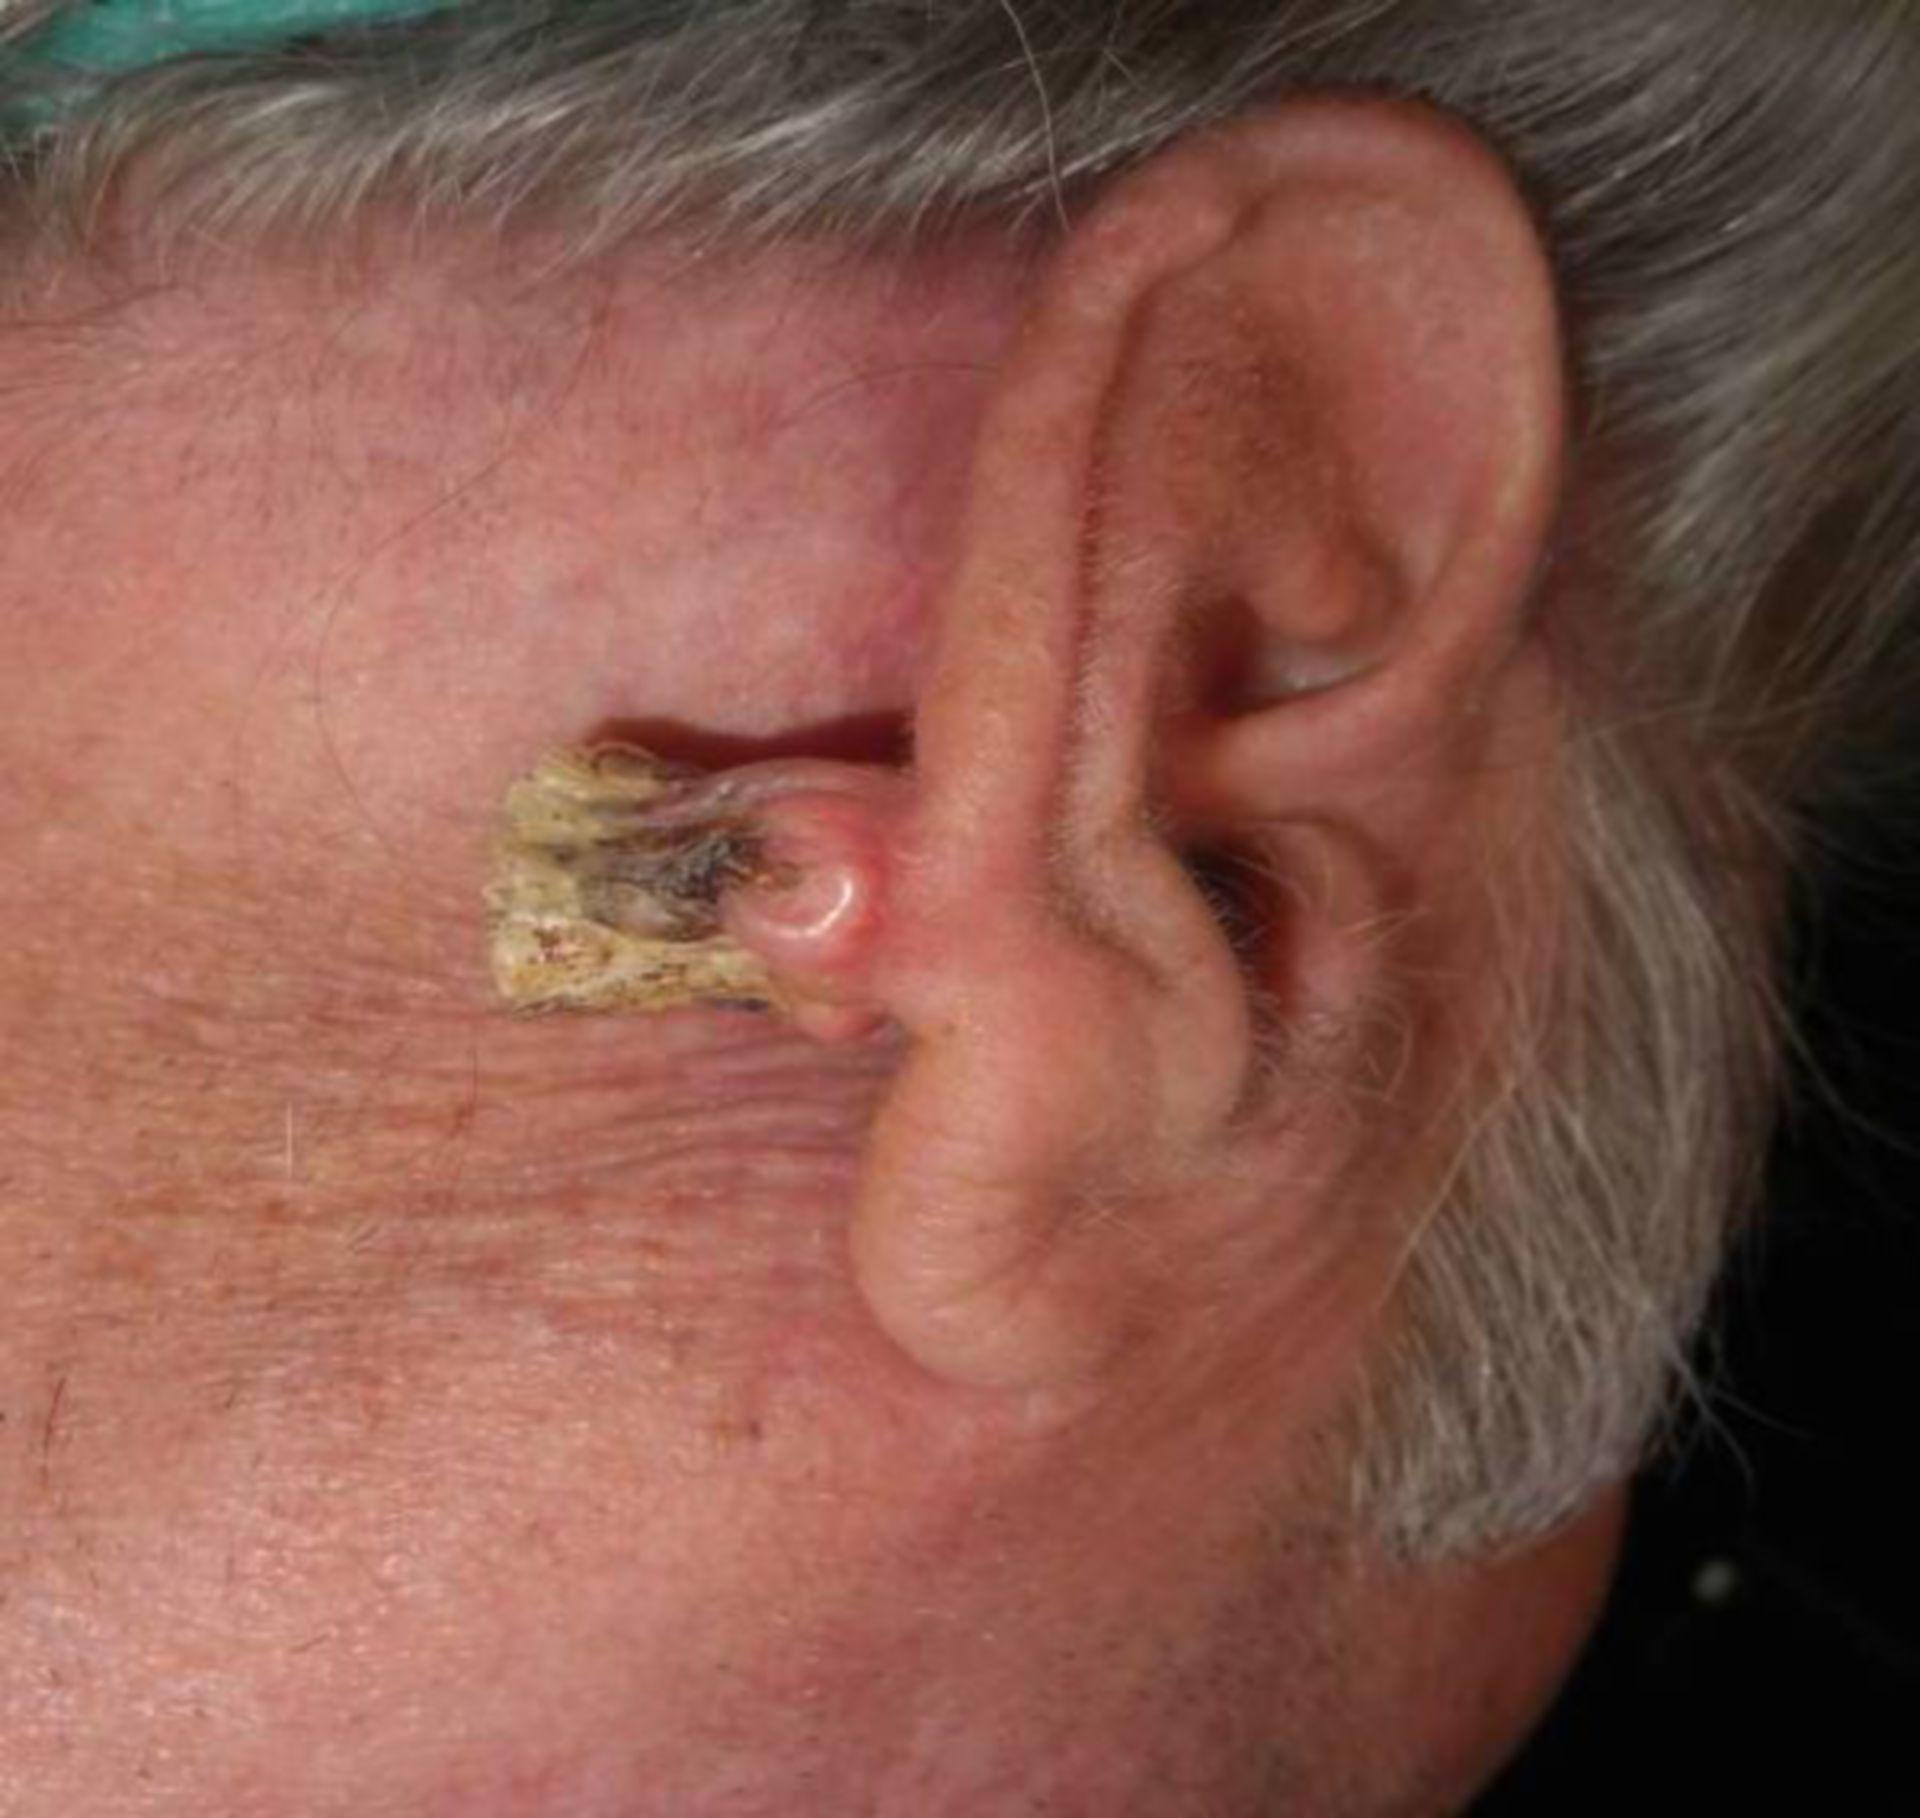 Tumore dell'orecchio - immagini intraoperatorie